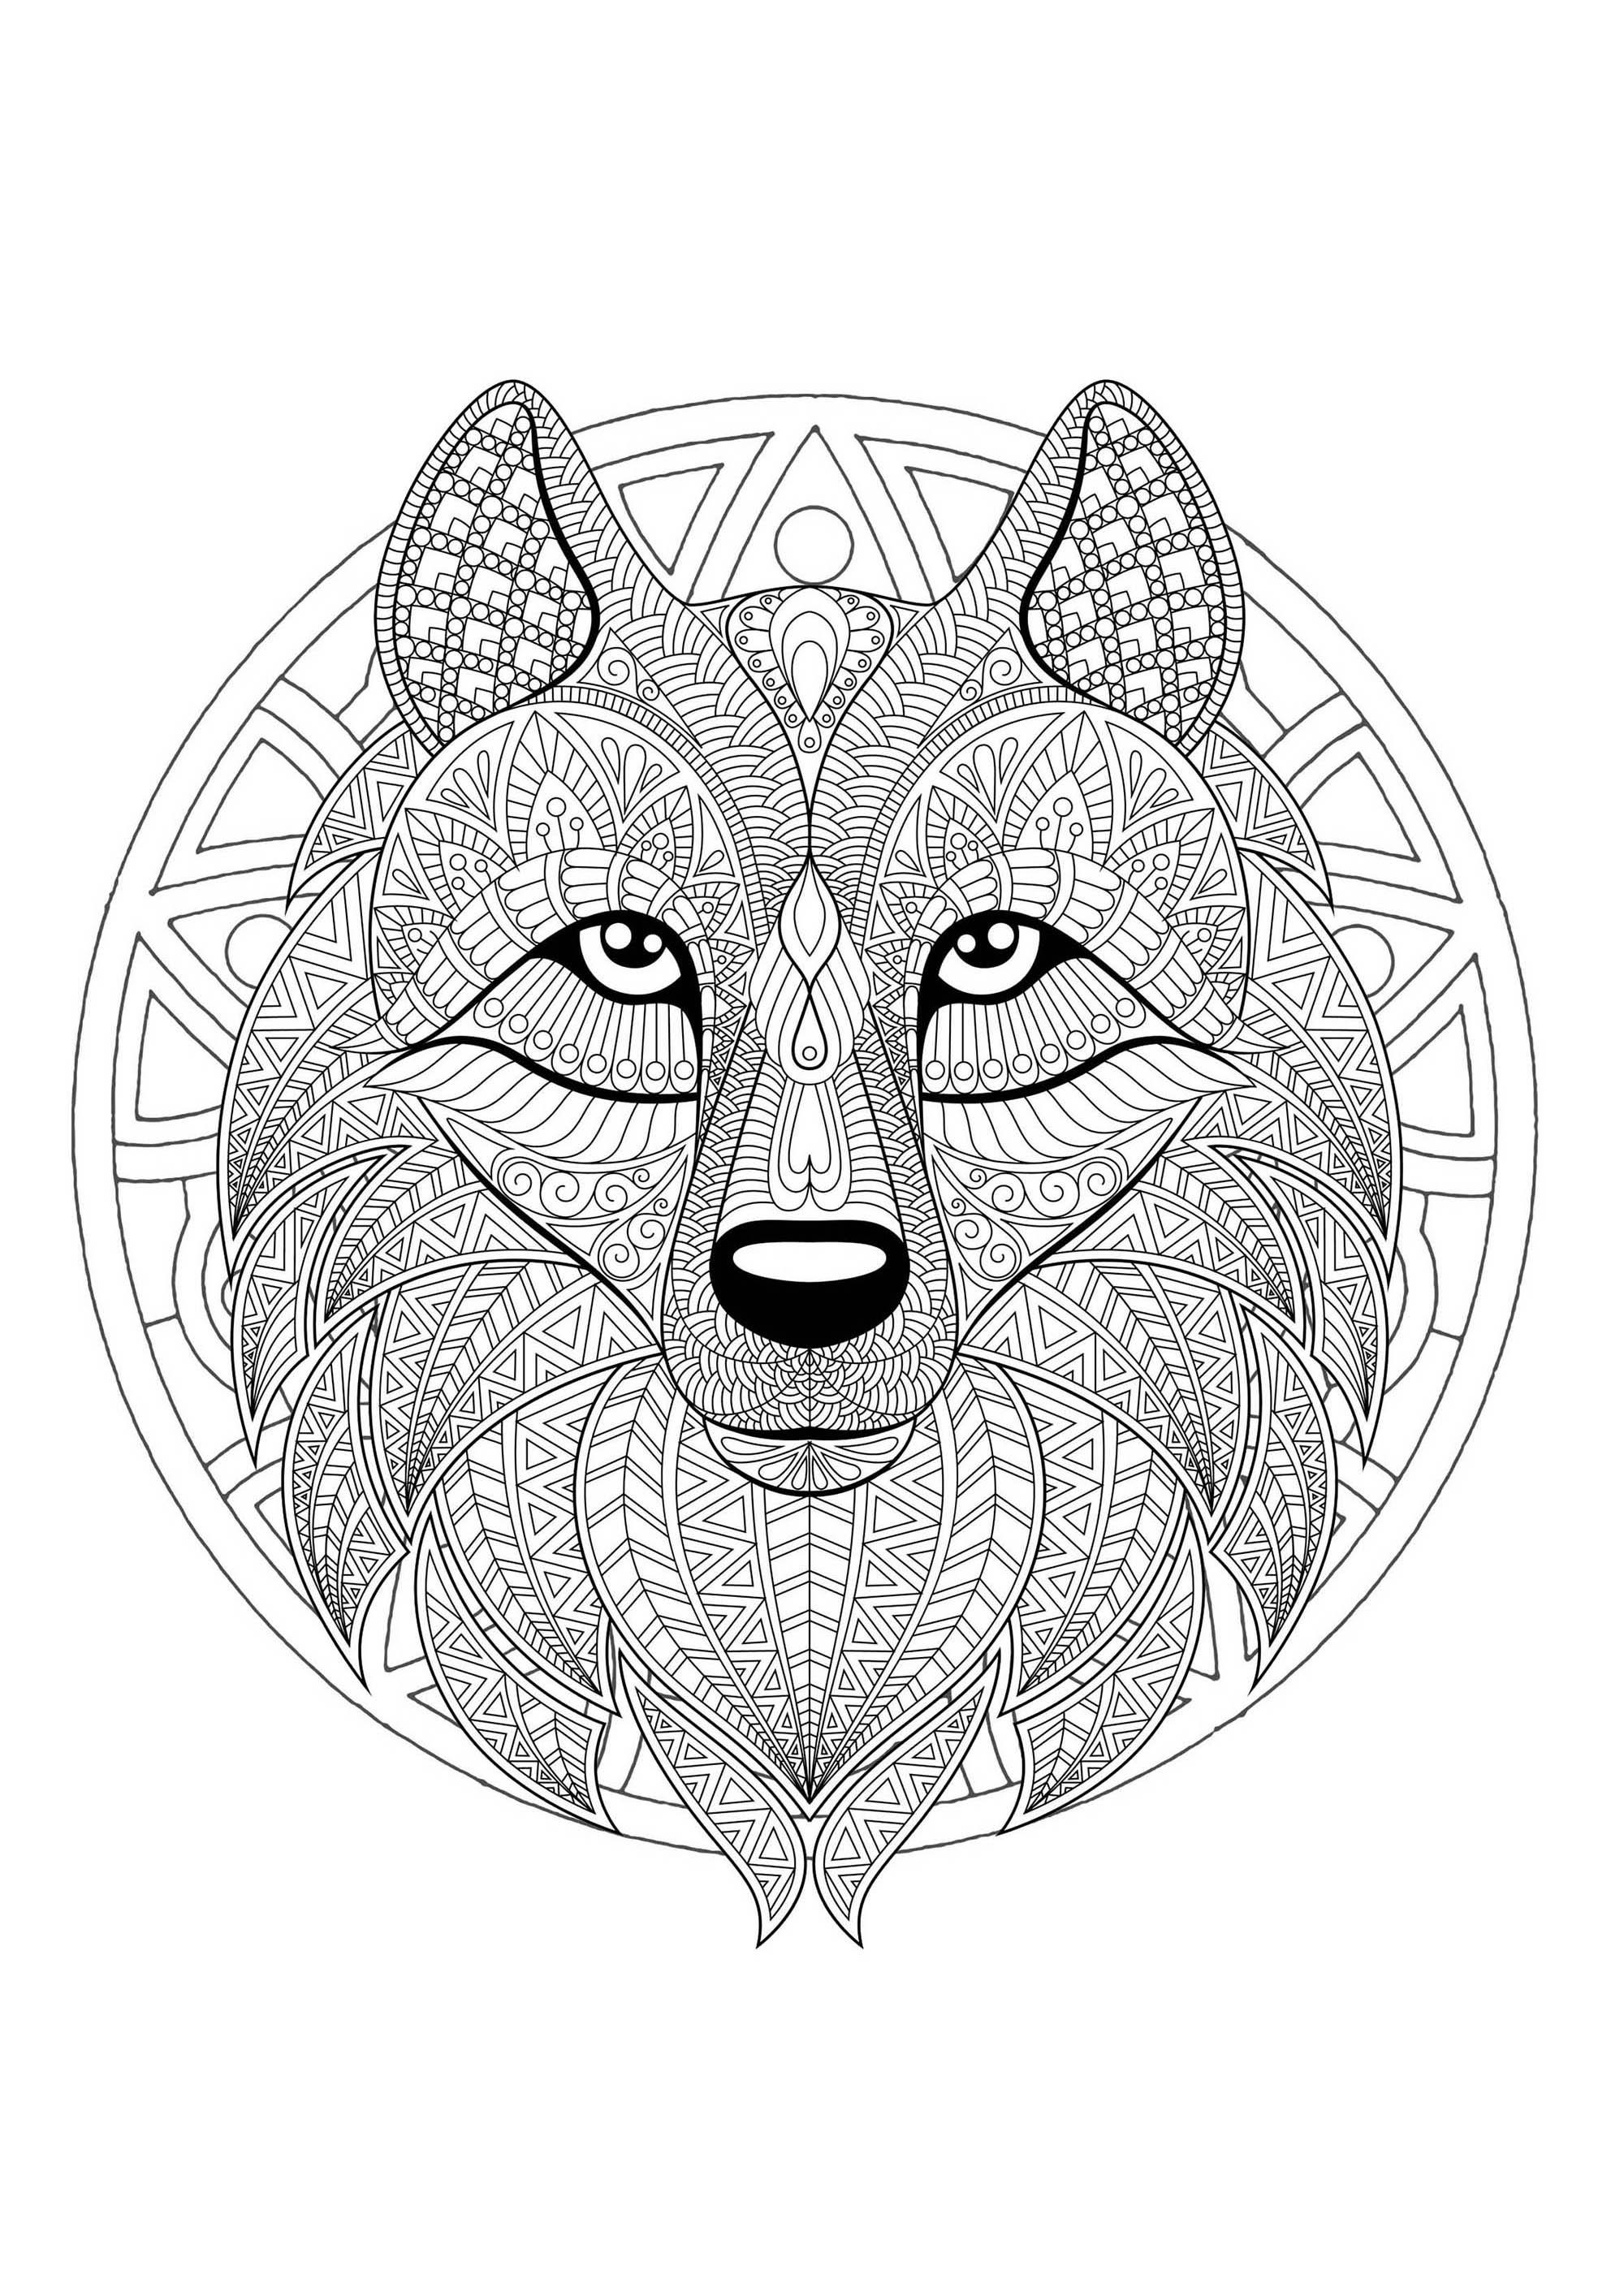 Mandala Tete Loup 2 - Mandalas - Coloriages Difficiles destiné Coloriage